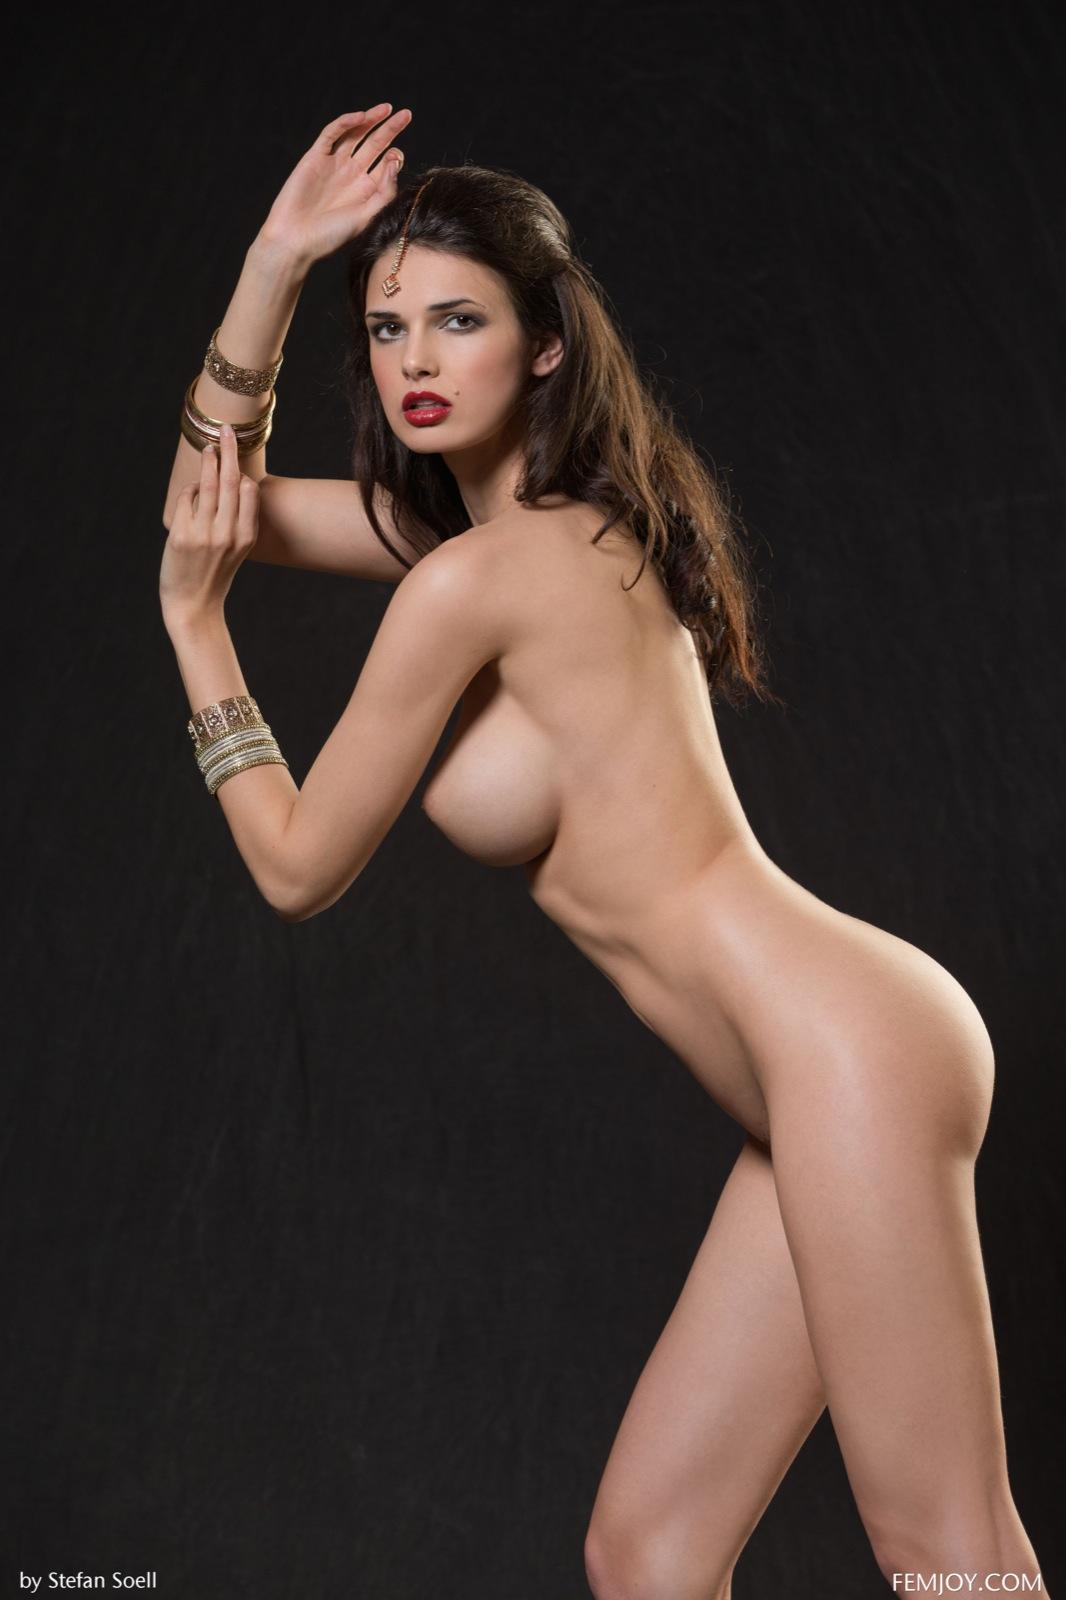 Фото голые индисски девушки 25 фотография